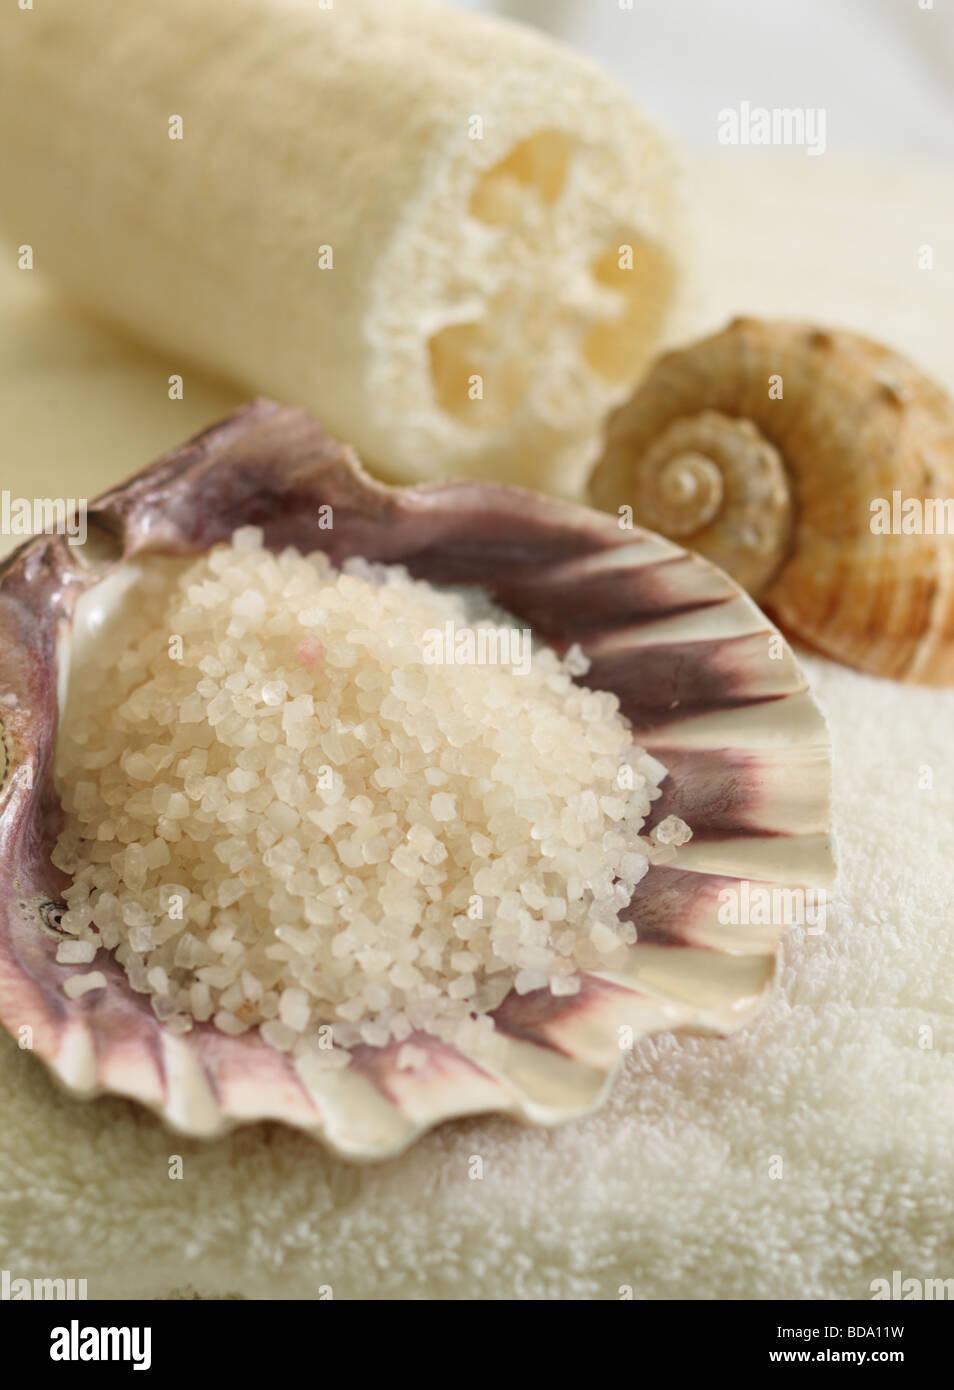 Shells and bath salts - Stock Image